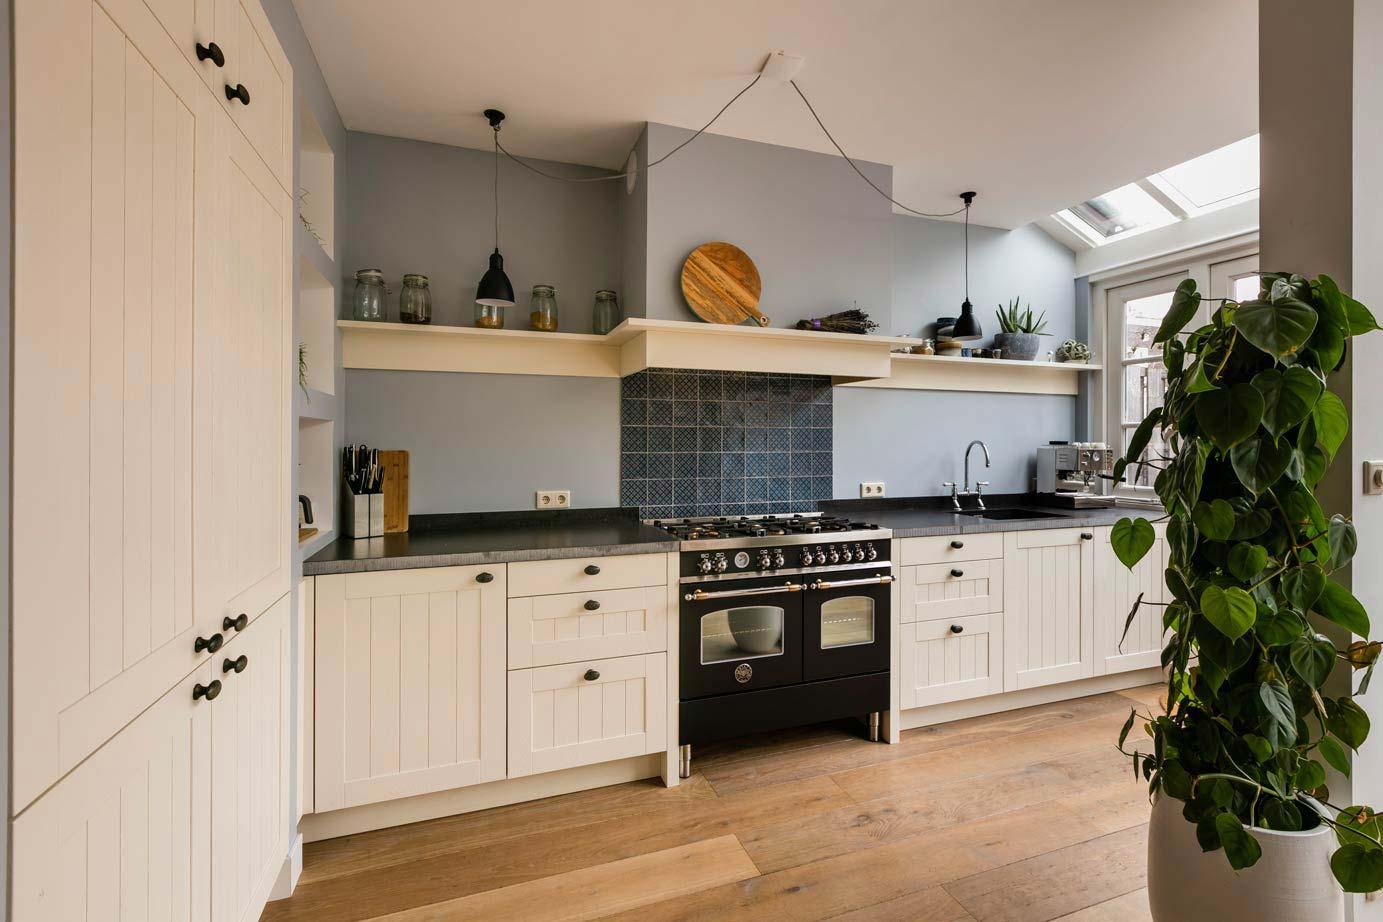 Smalle Landelijke Keuken : Lange smalle keuken lange smalle witte keuken met houten kastjes